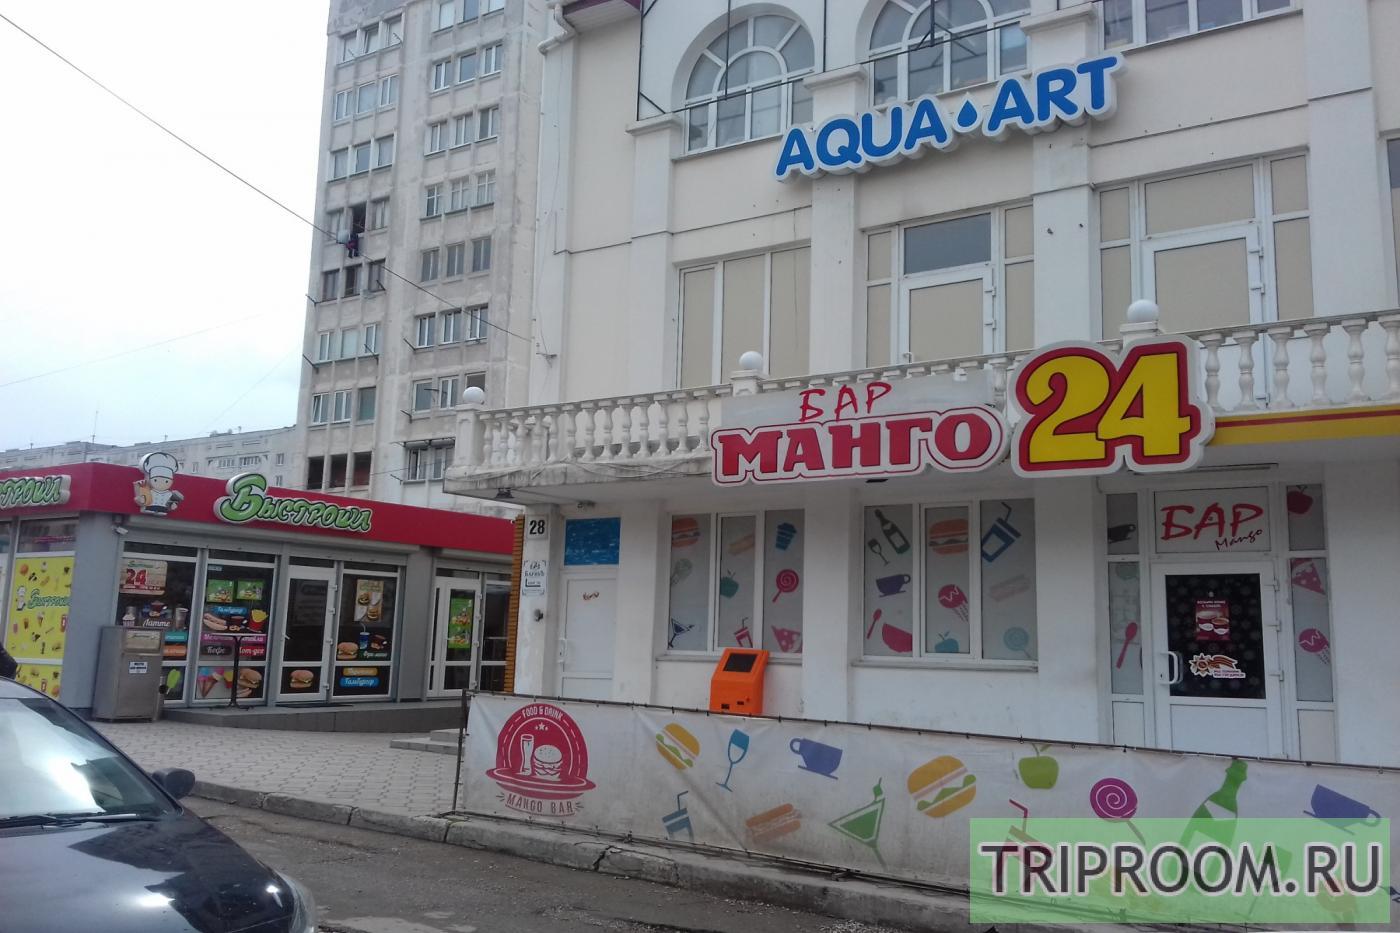 1-комнатная квартира посуточно (вариант № 1071), ул. Октябрьскойреволюции проспект, фото № 26